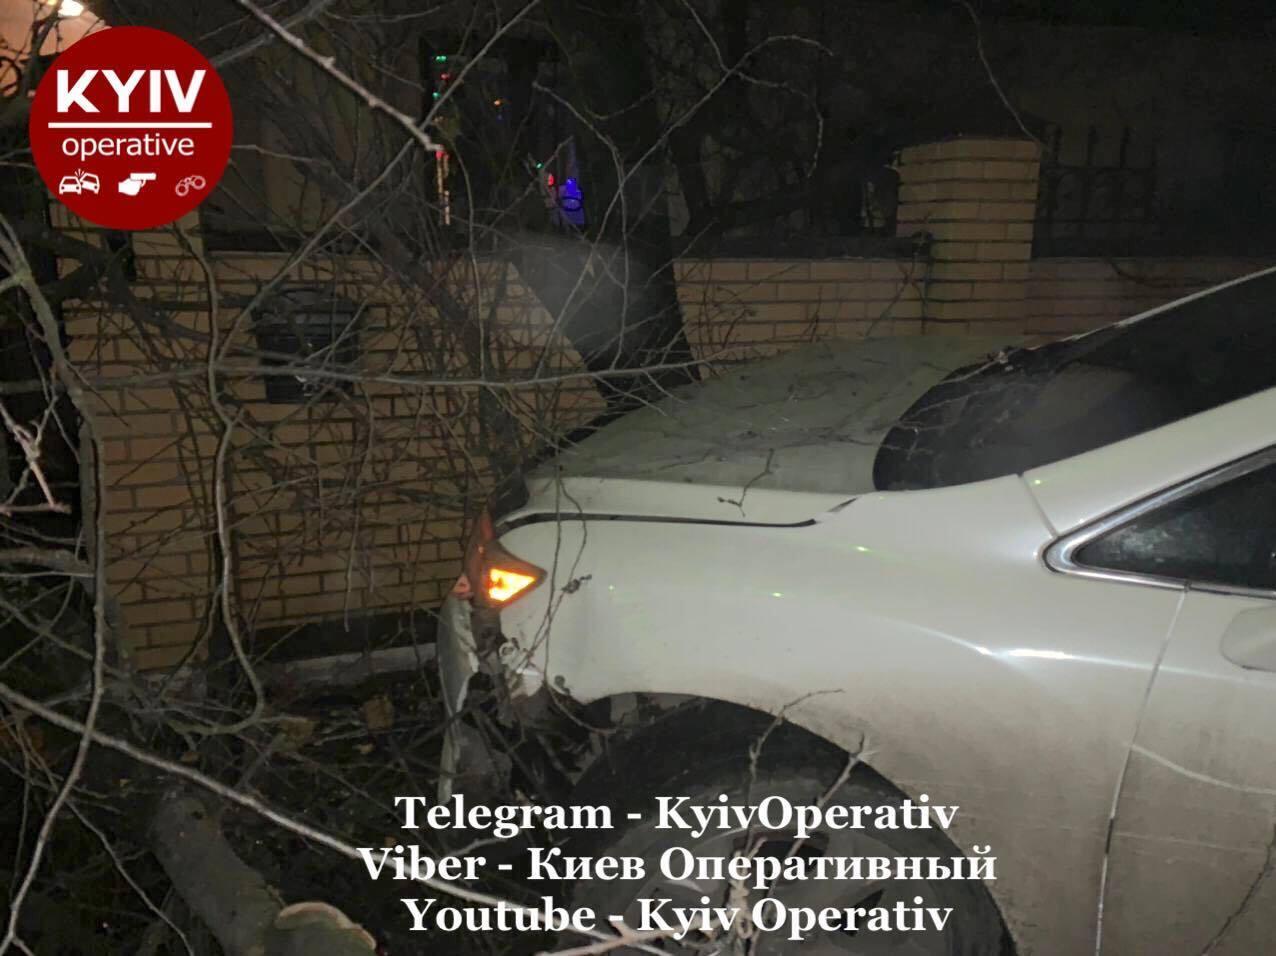 ДТП произошло на улице Косенко.